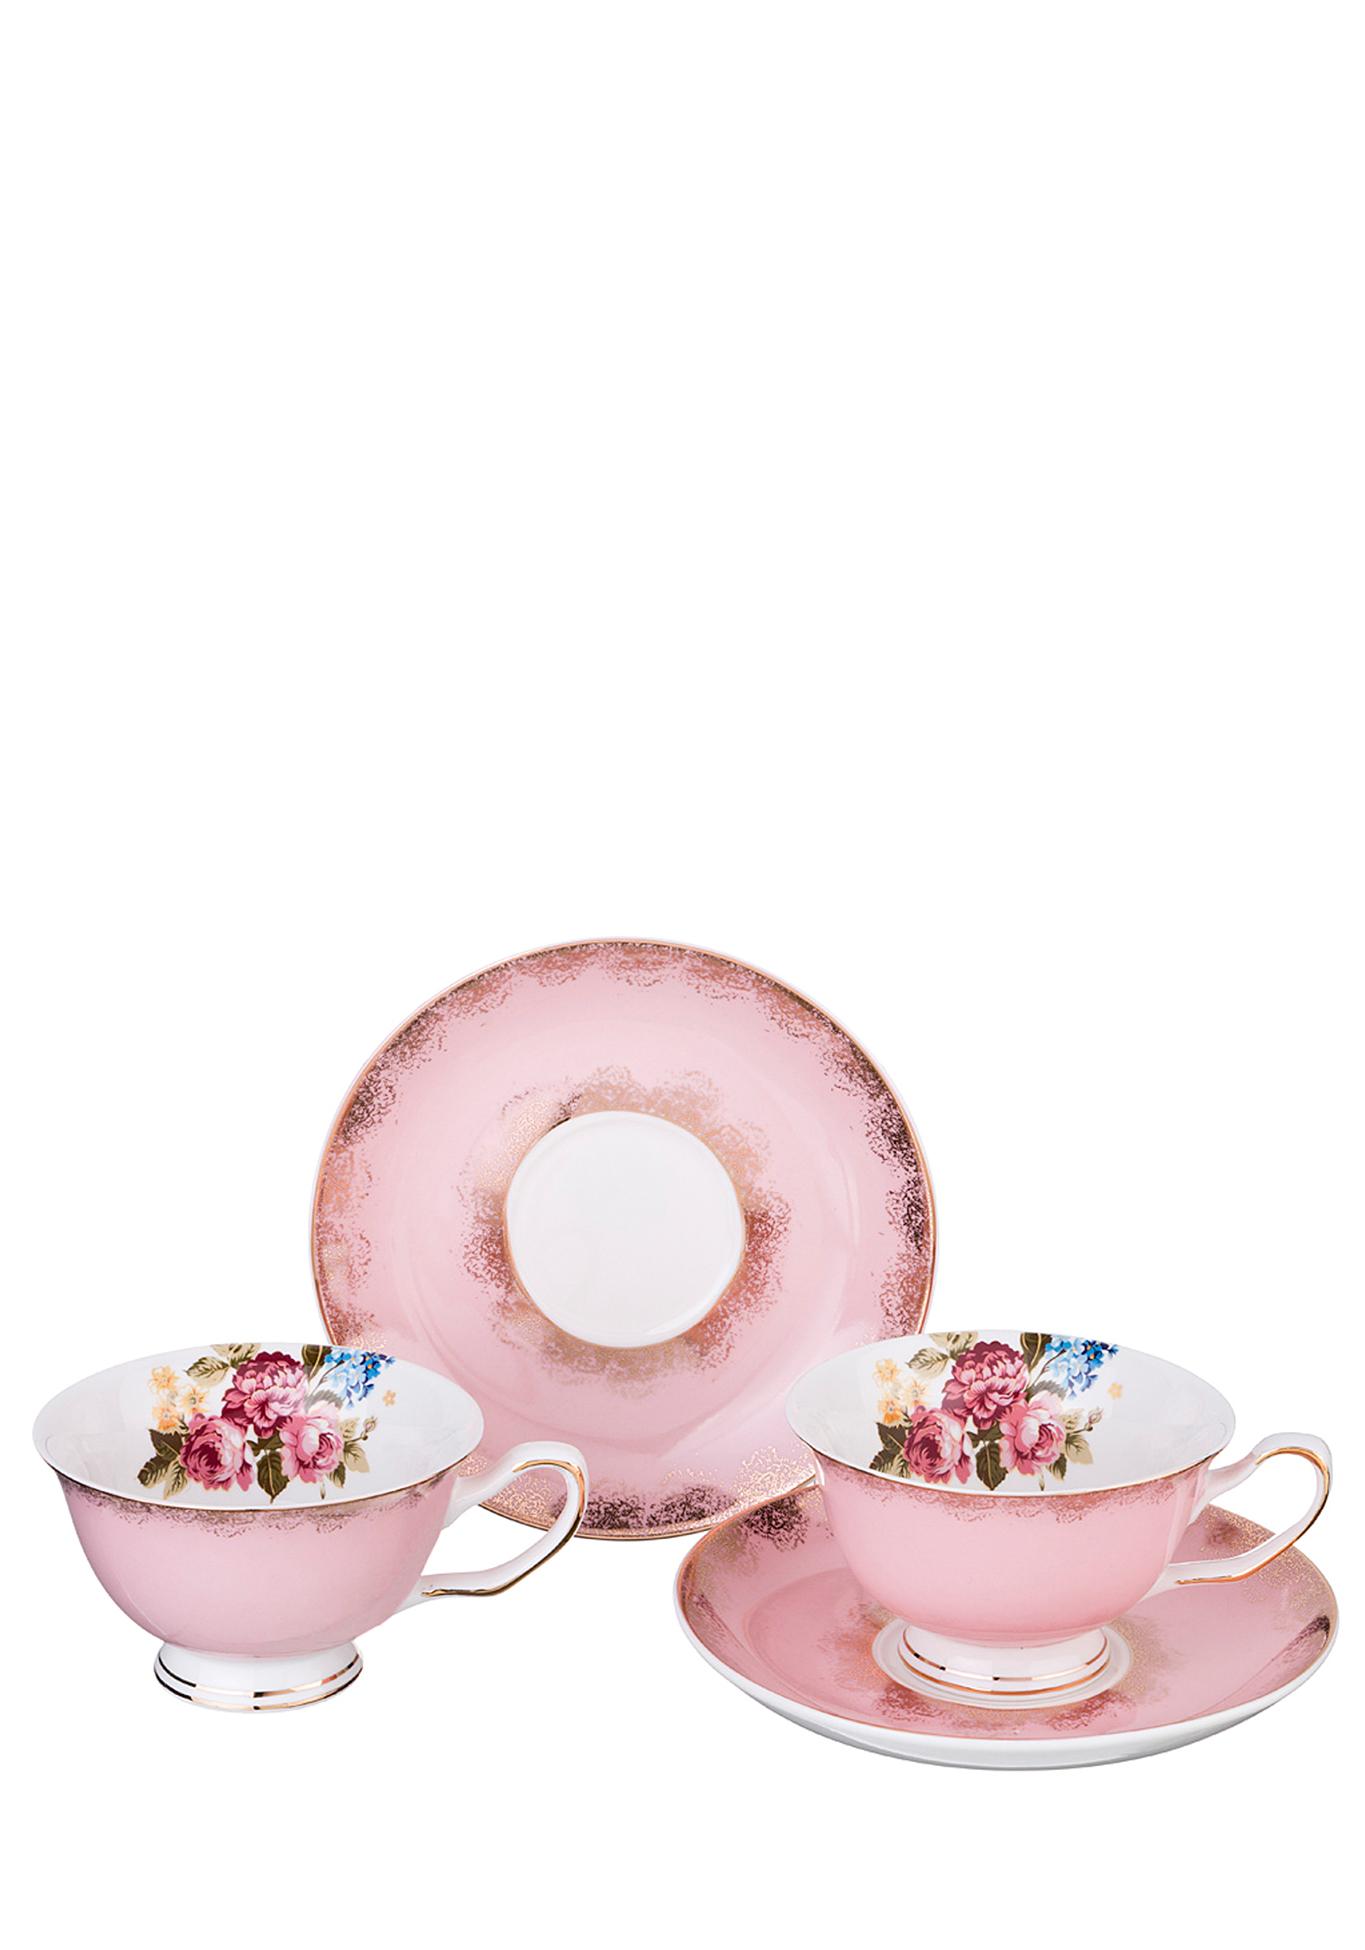 Фото - Чайный набор из фарфора на 2 персоны сервиз чайный из фарфора звездная ночь 2 предмета 104 649 lefard